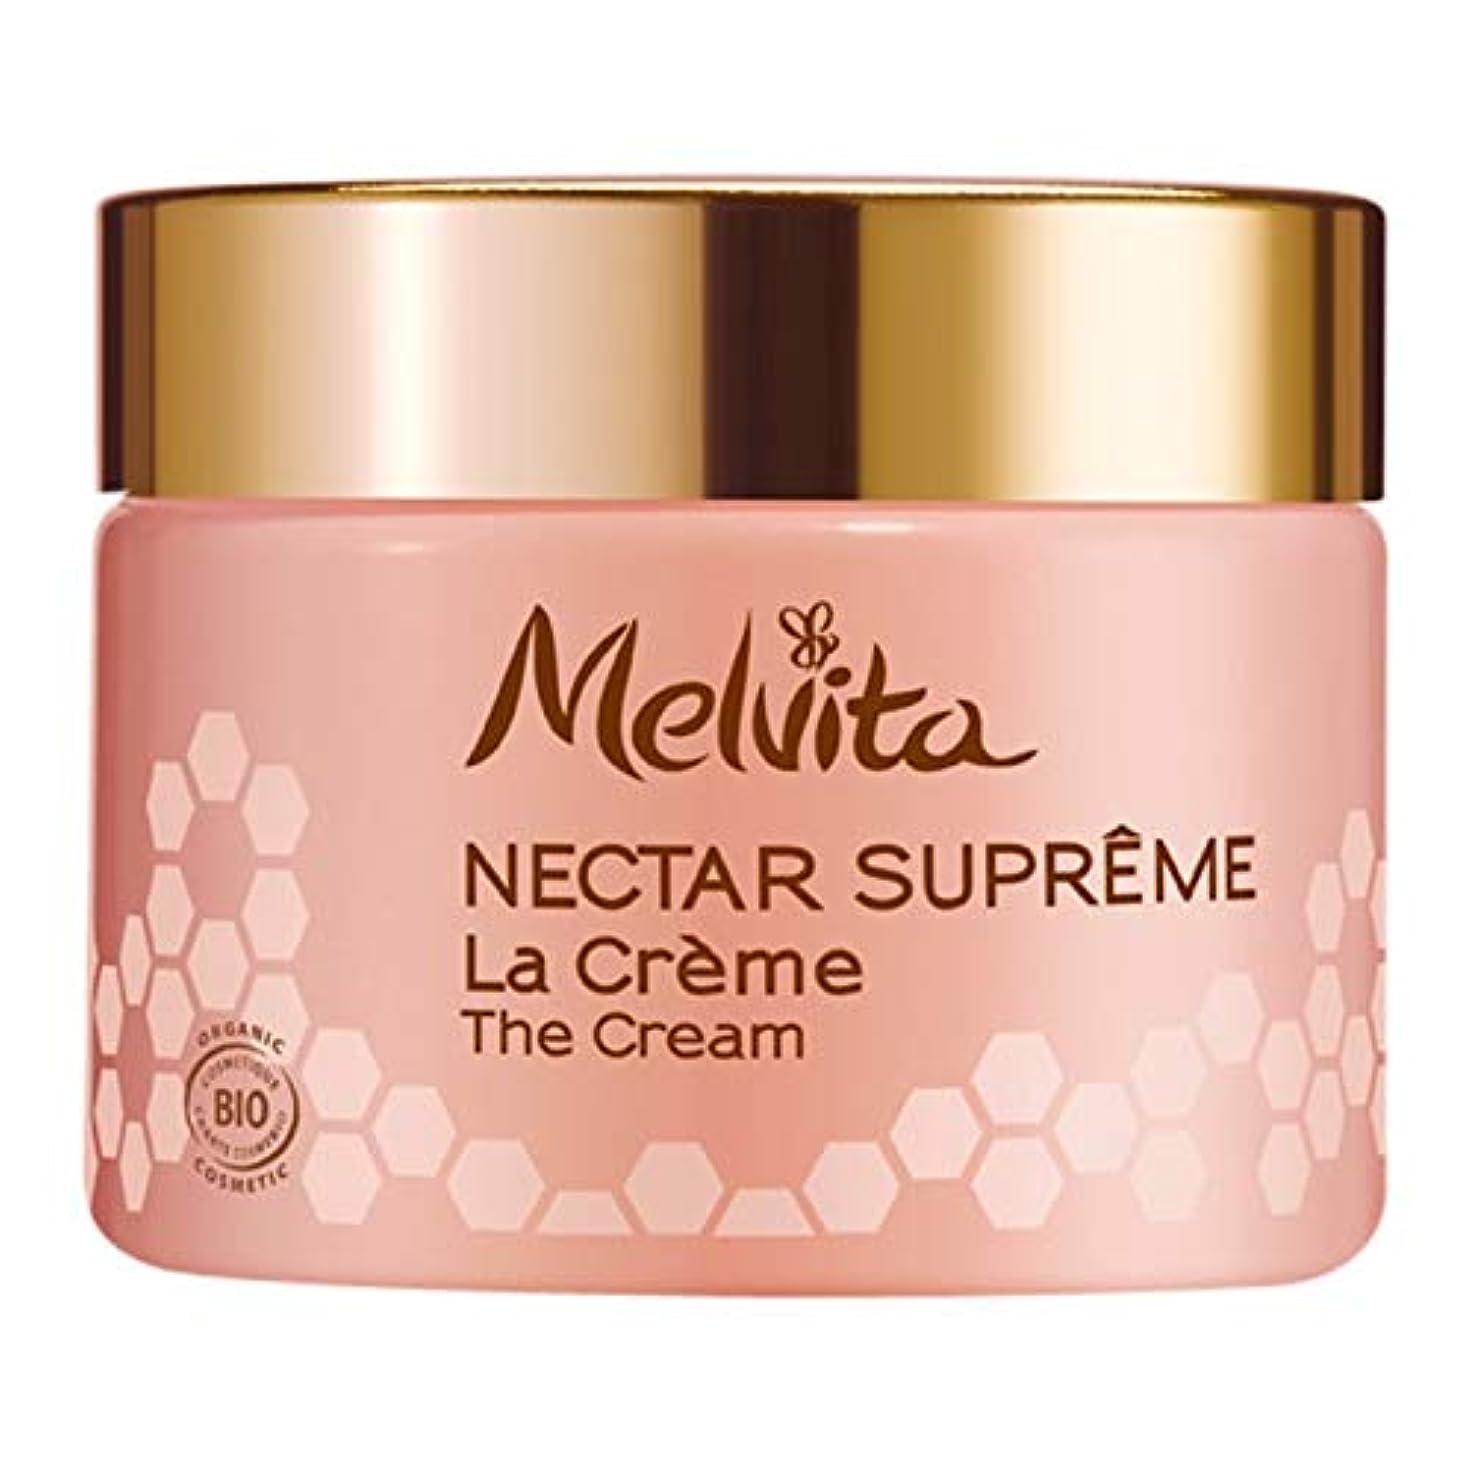 脚本チャネル太鼓腹[Melvita] メルヴィータ蜜Supremeの50ミリリットル - Melvita Nectar Supr?me 50ml [並行輸入品]